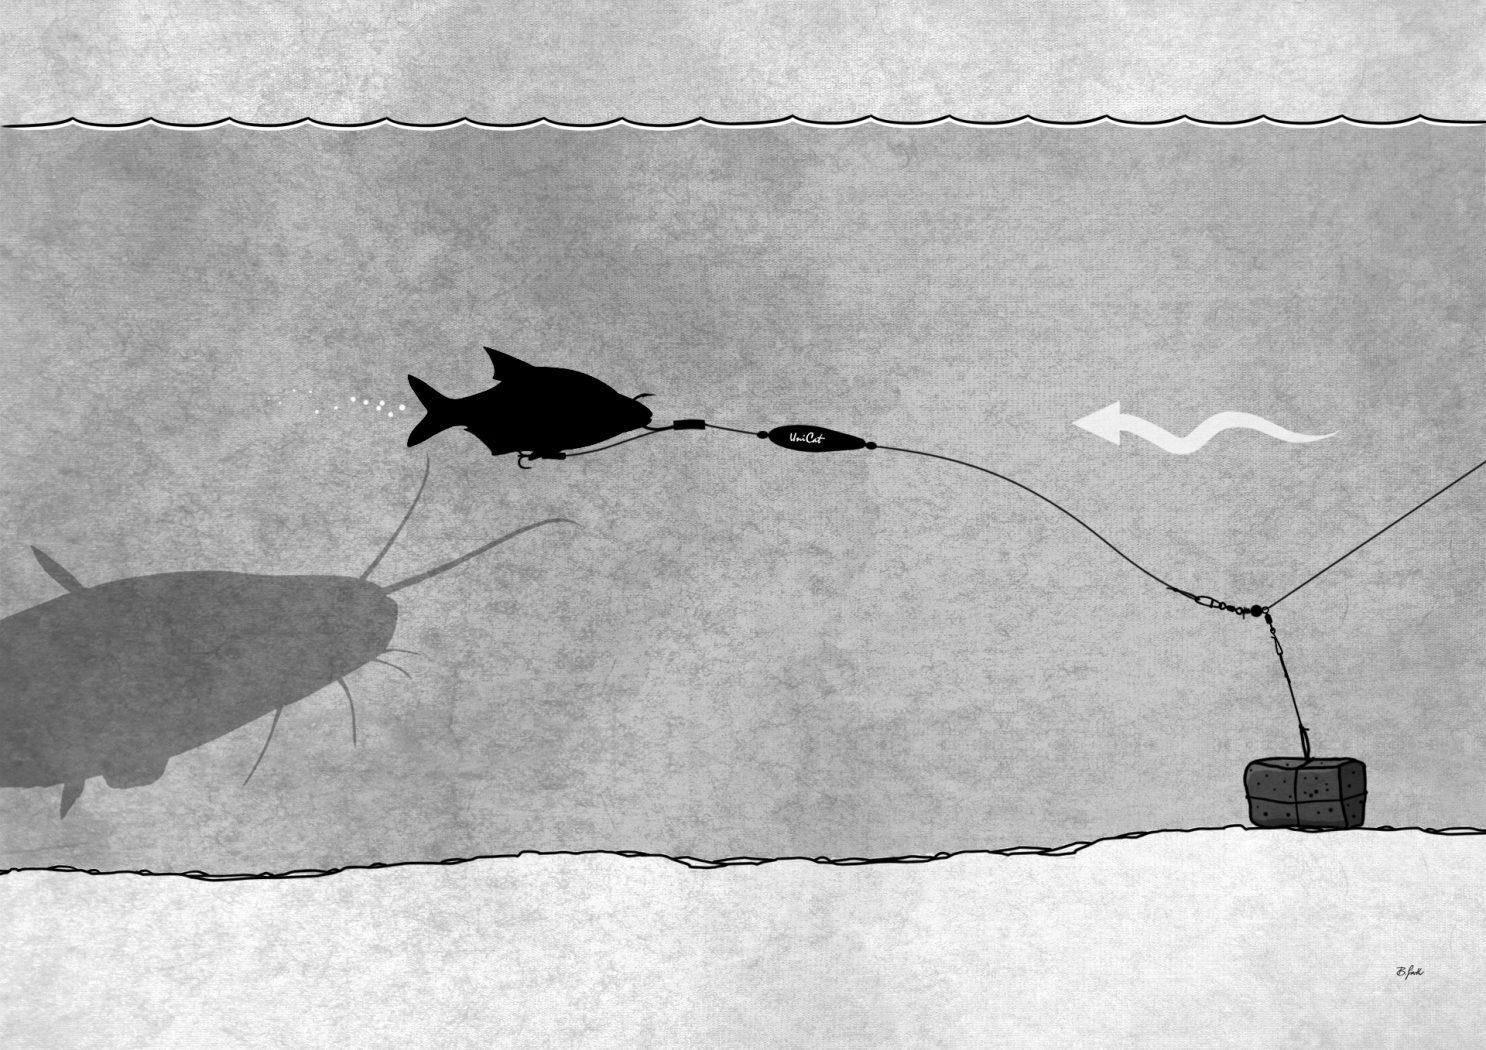 Montage einer Unterwasserpose zum Wallerangeln